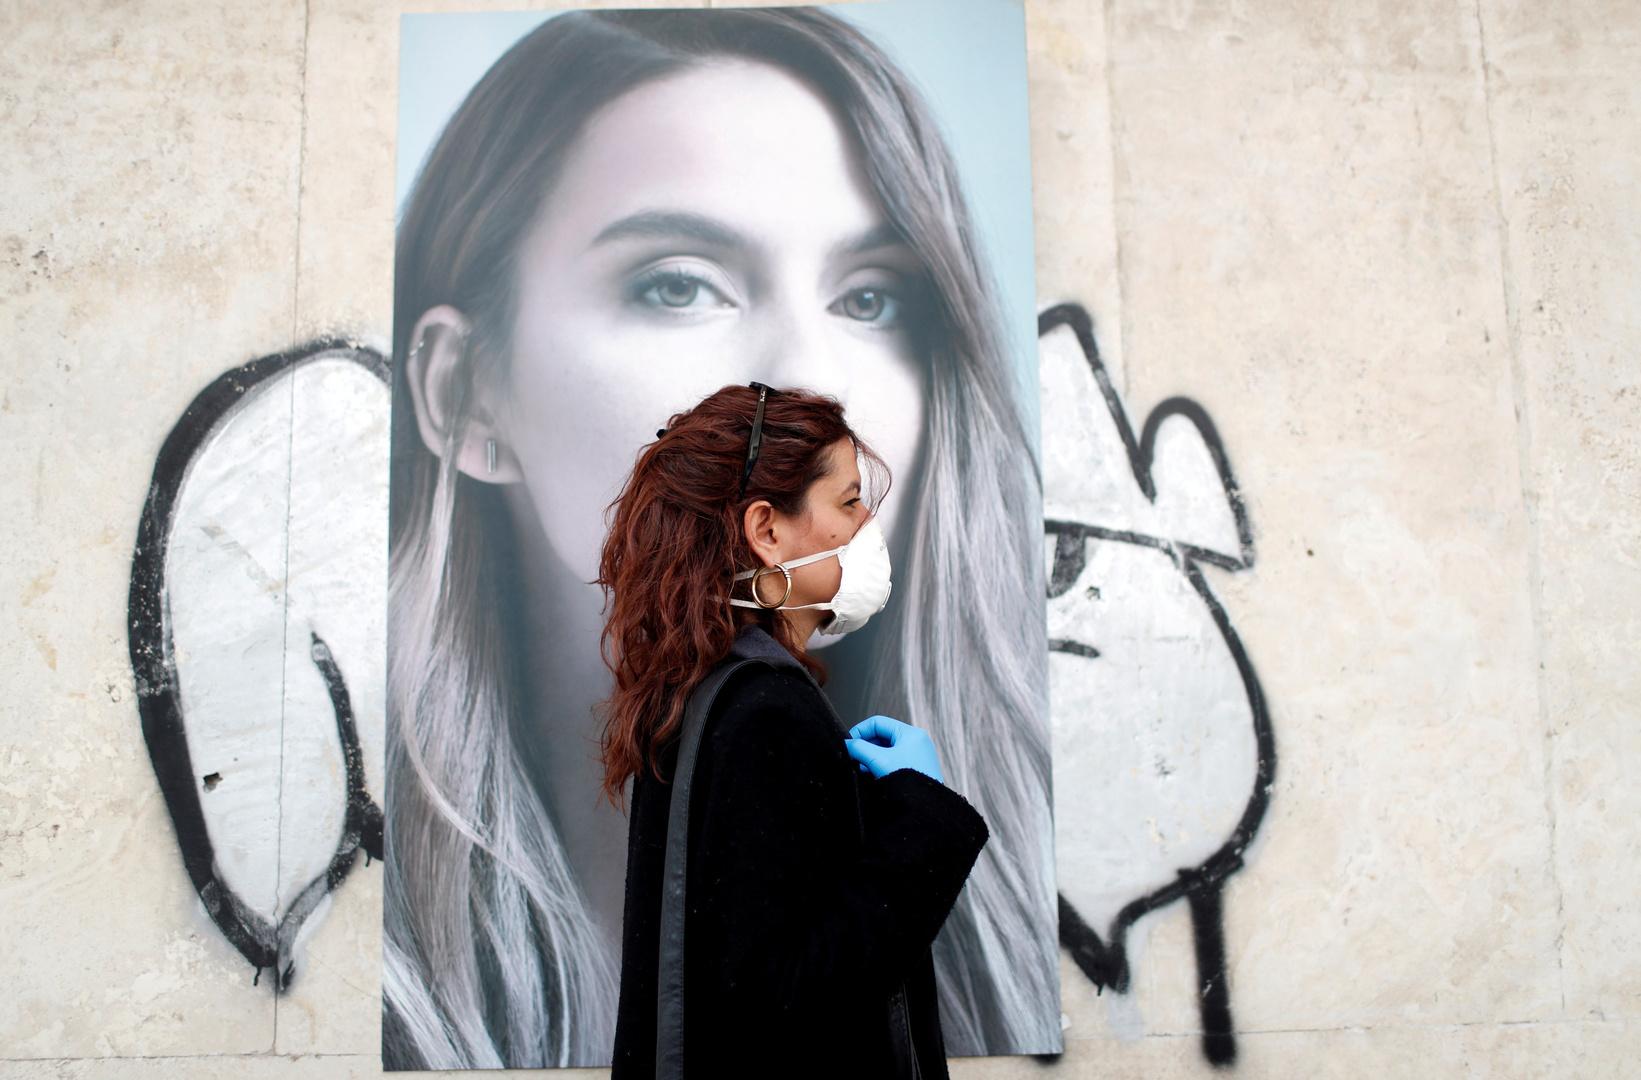 إيطاليا تنكس أعلامها حدادا على ضحايا فيروس كورونا